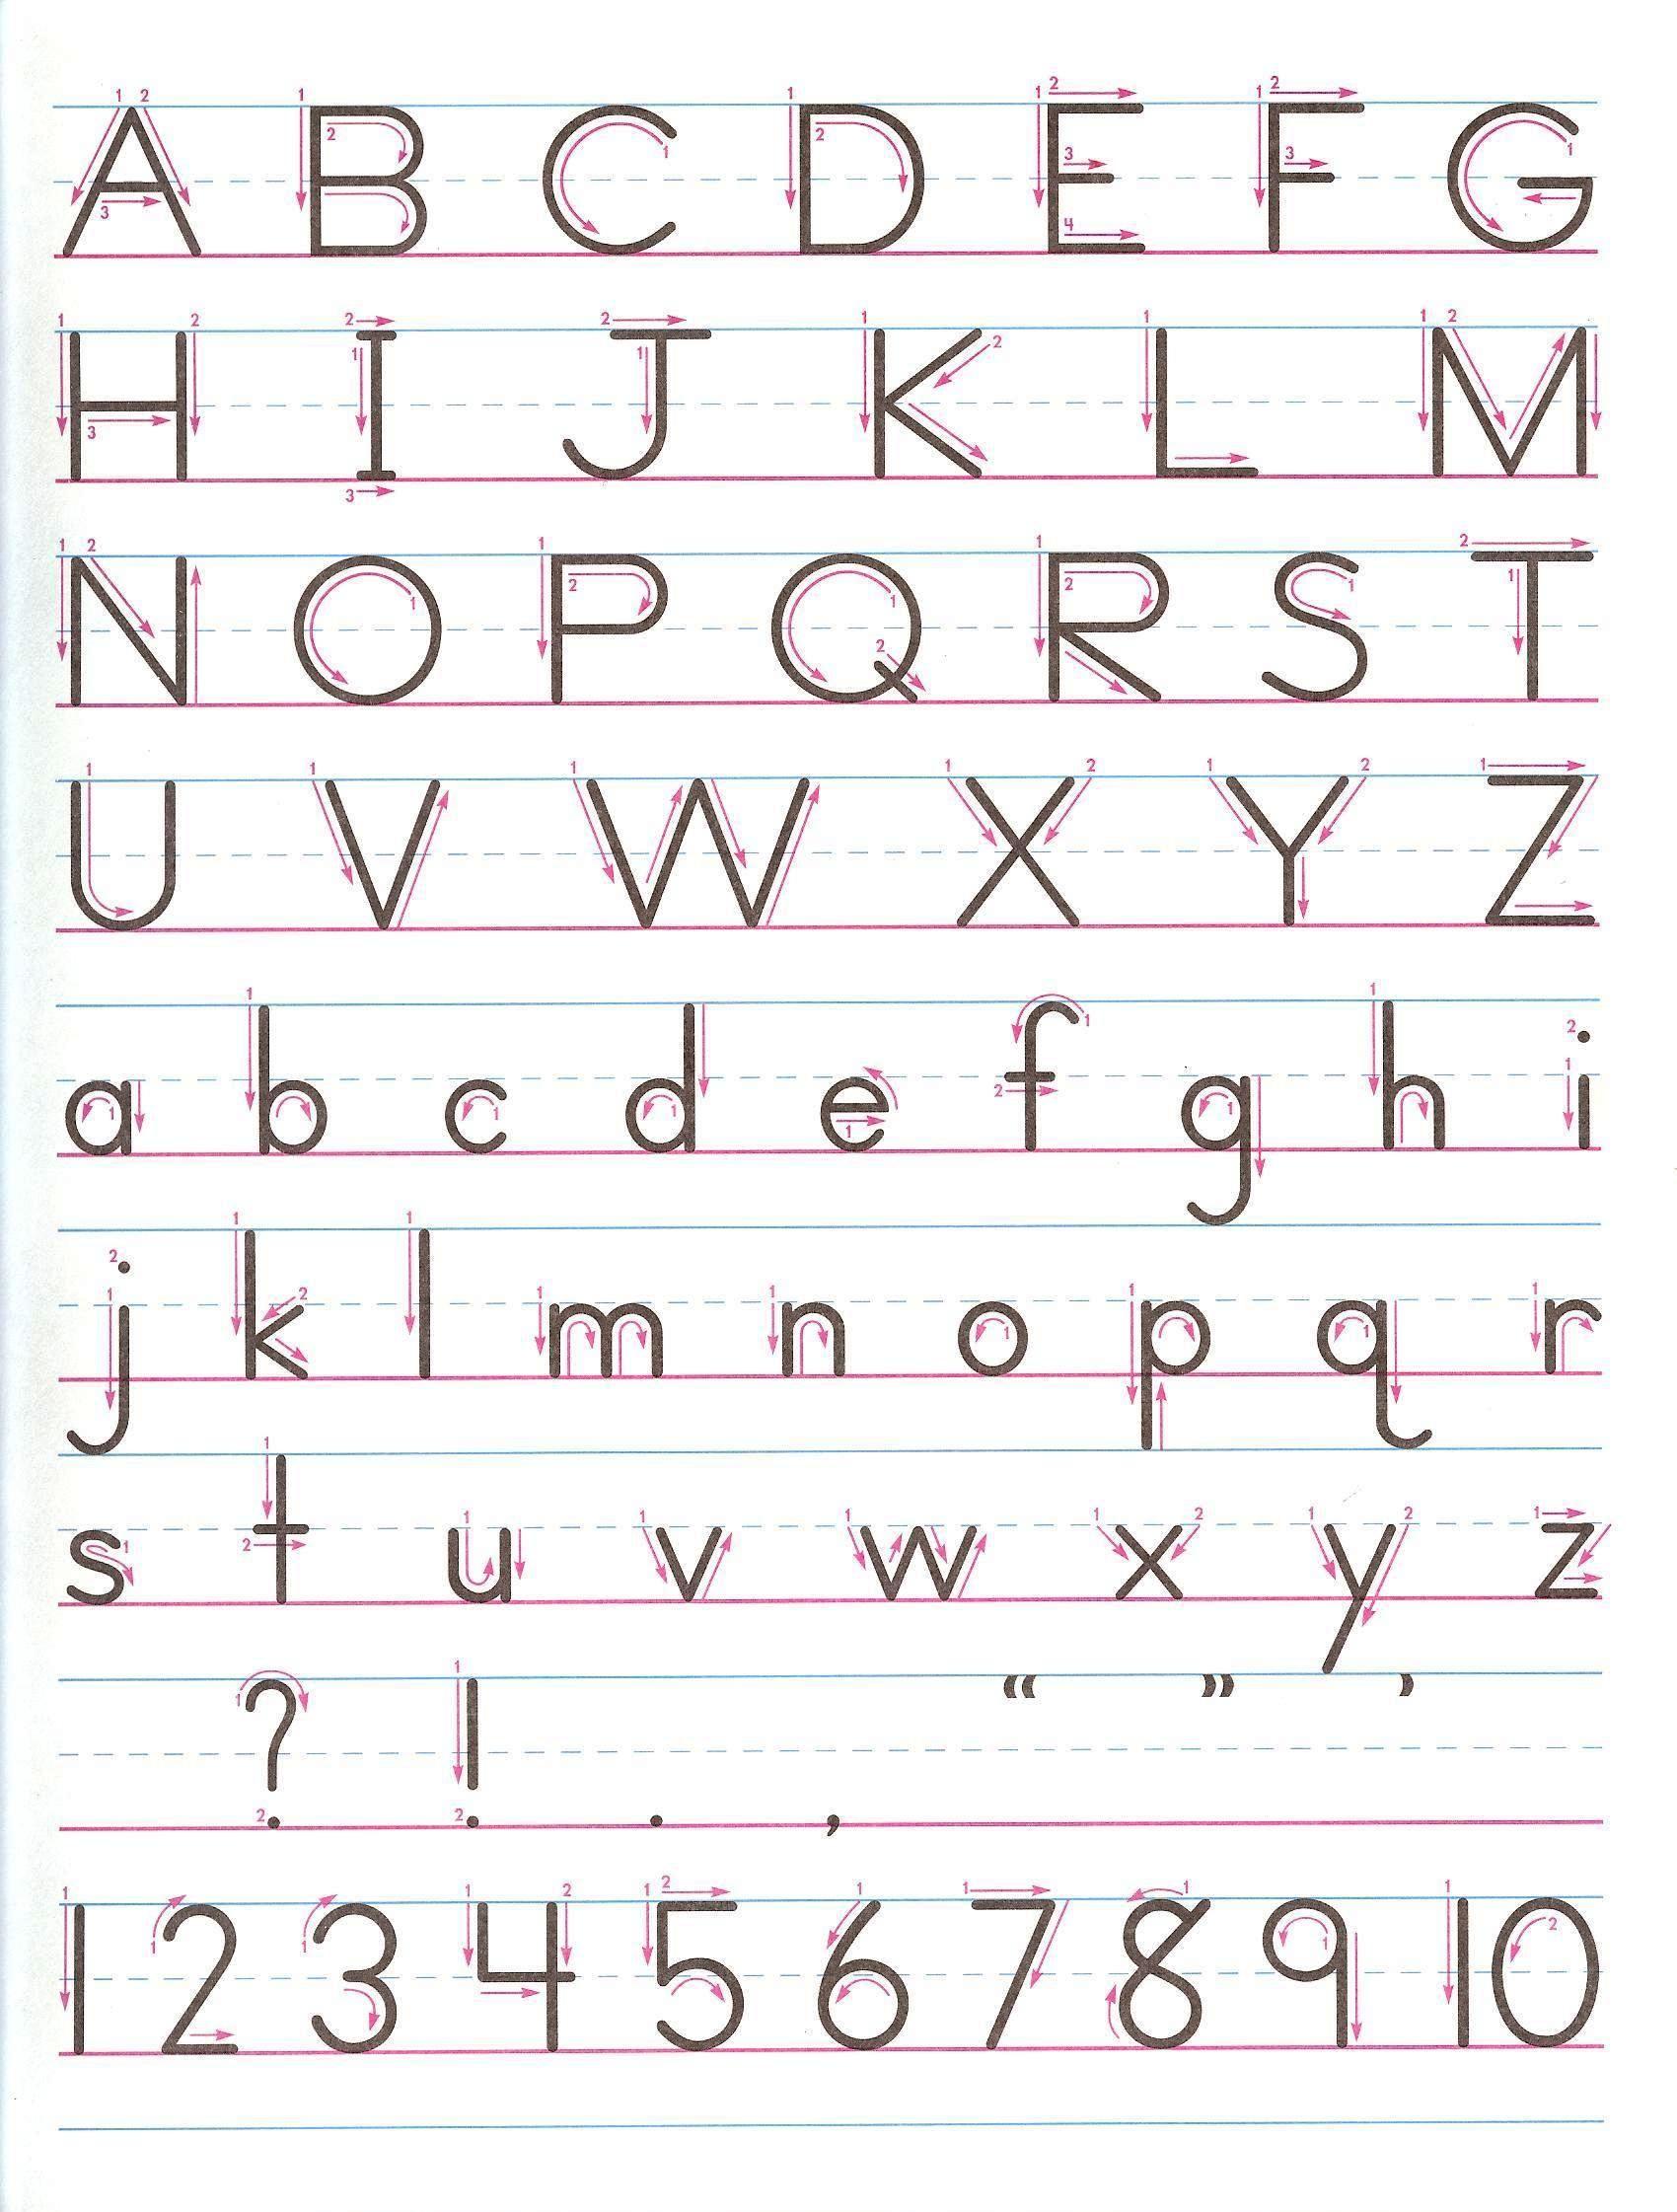 Zaner Bloser Manuscript - Print For Handwriting Practice